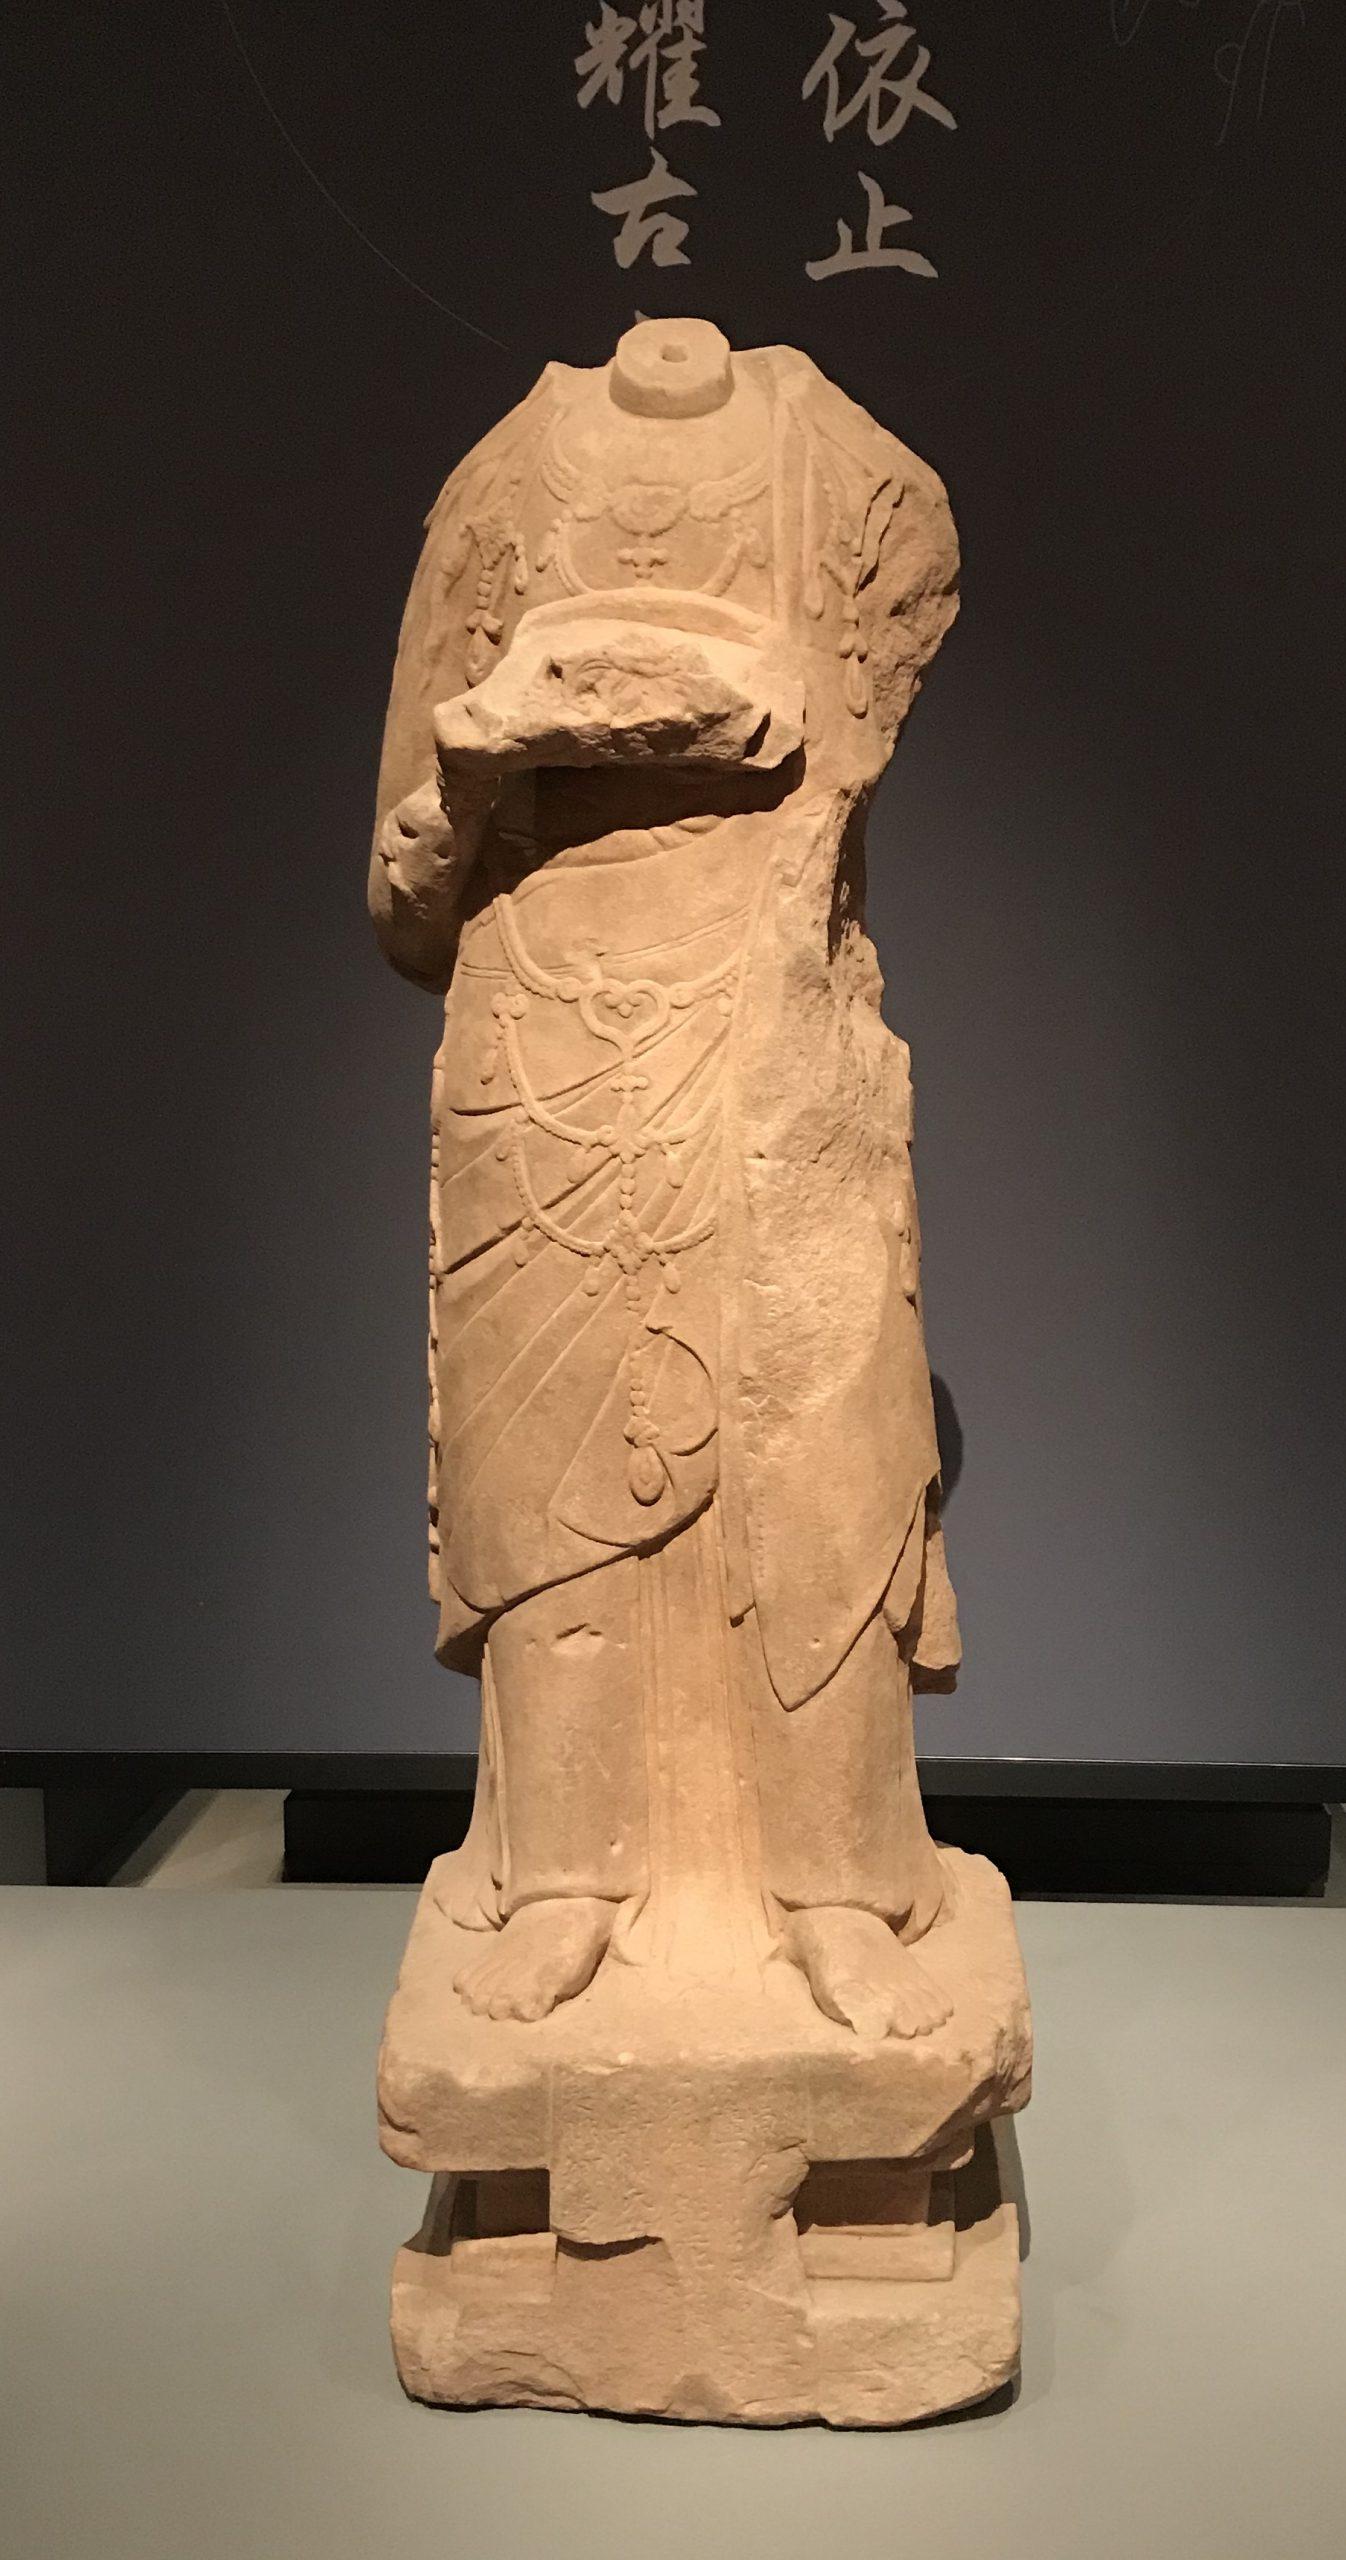 花供養菩薩-北宋-天下の大足-大足石刻の発見と継承-金沙遺跡博物館-成都